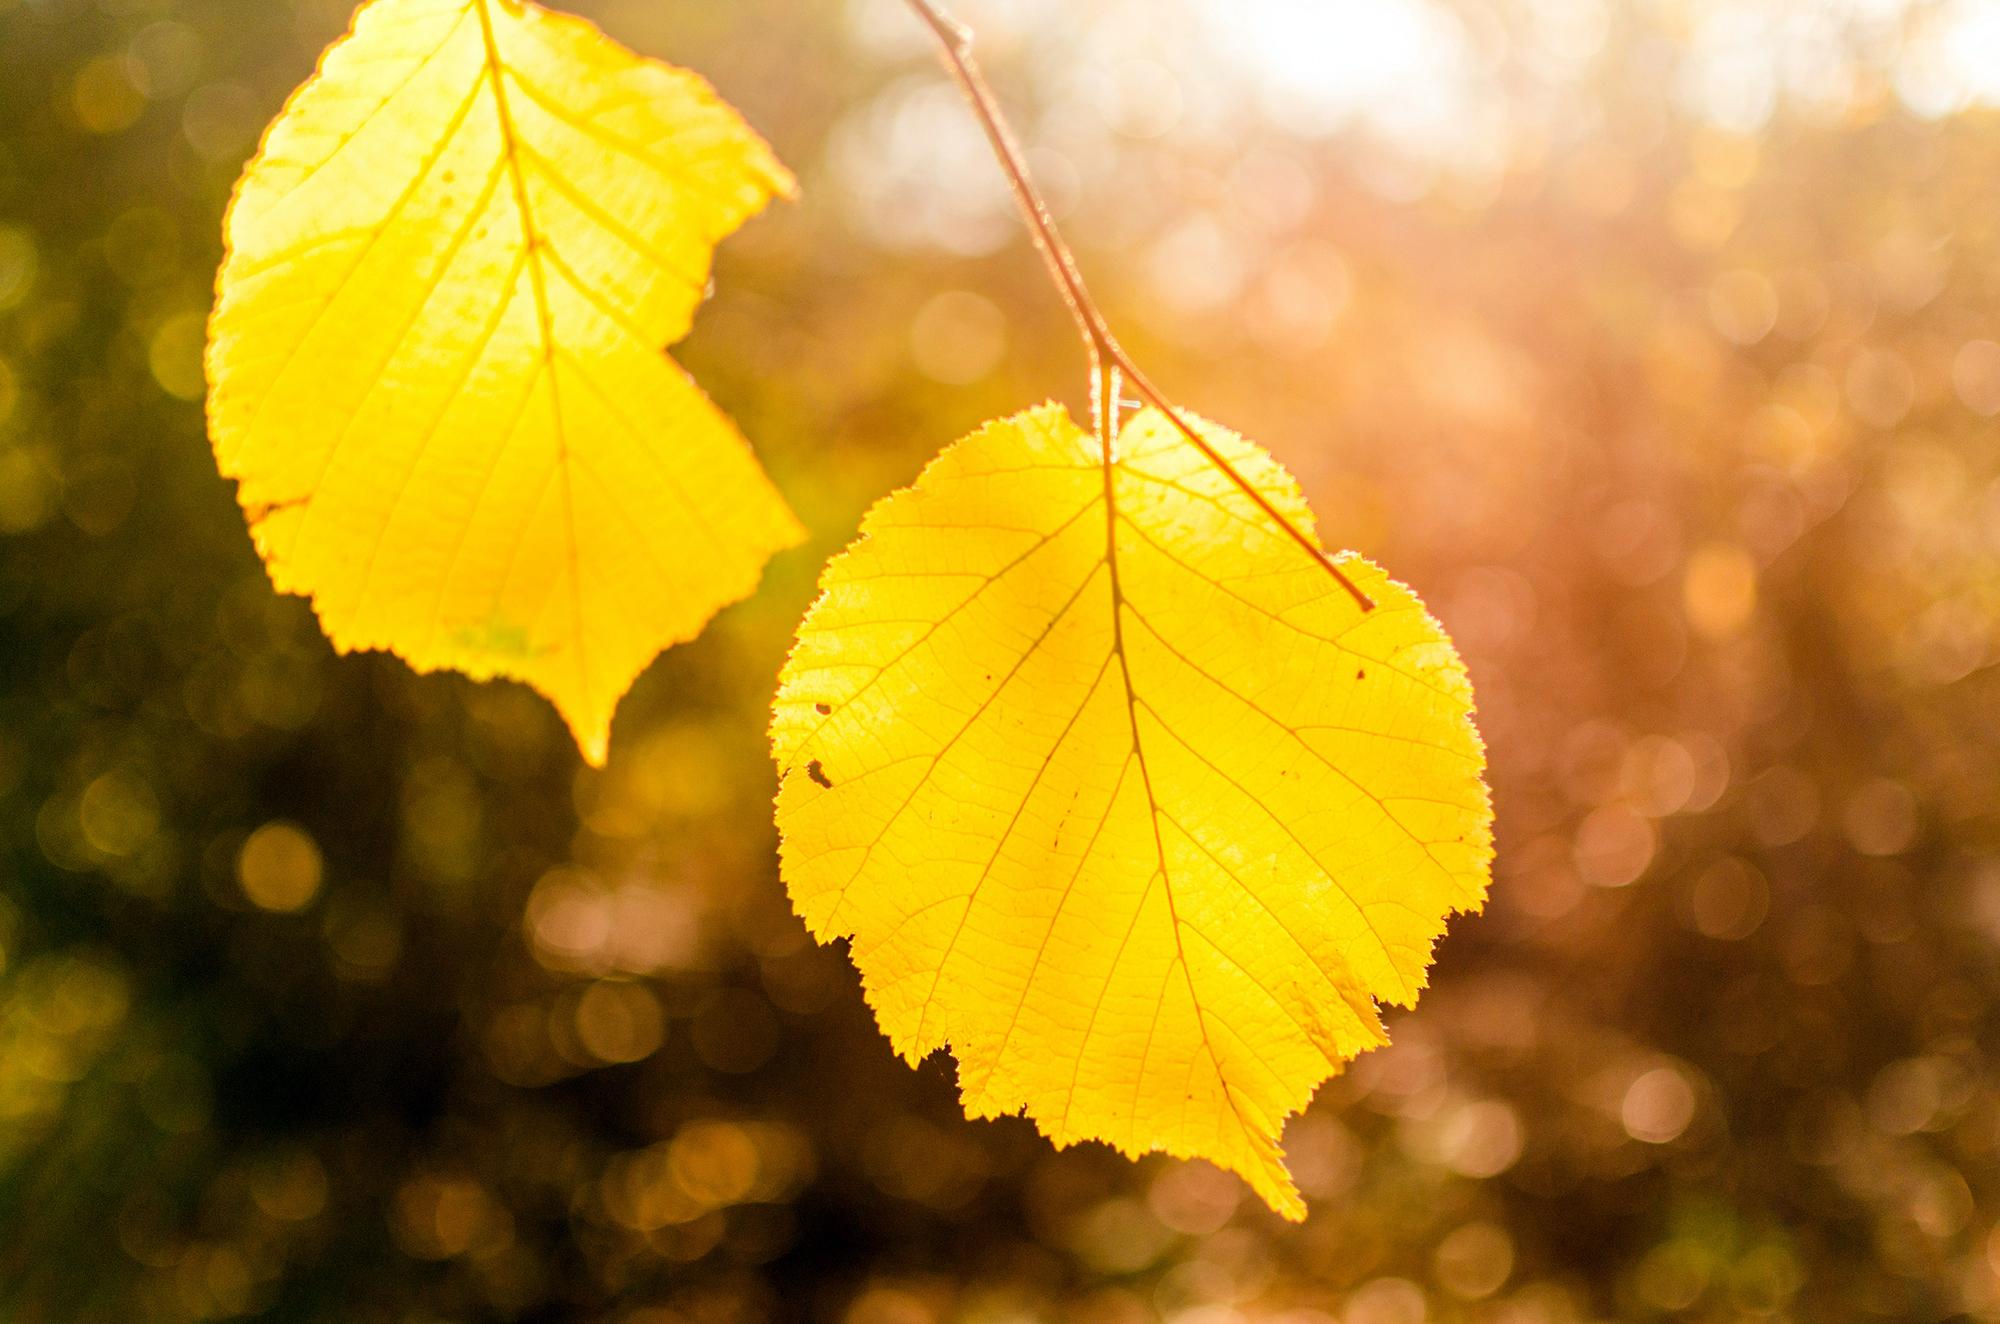 Пожелтевшие листья картинки для